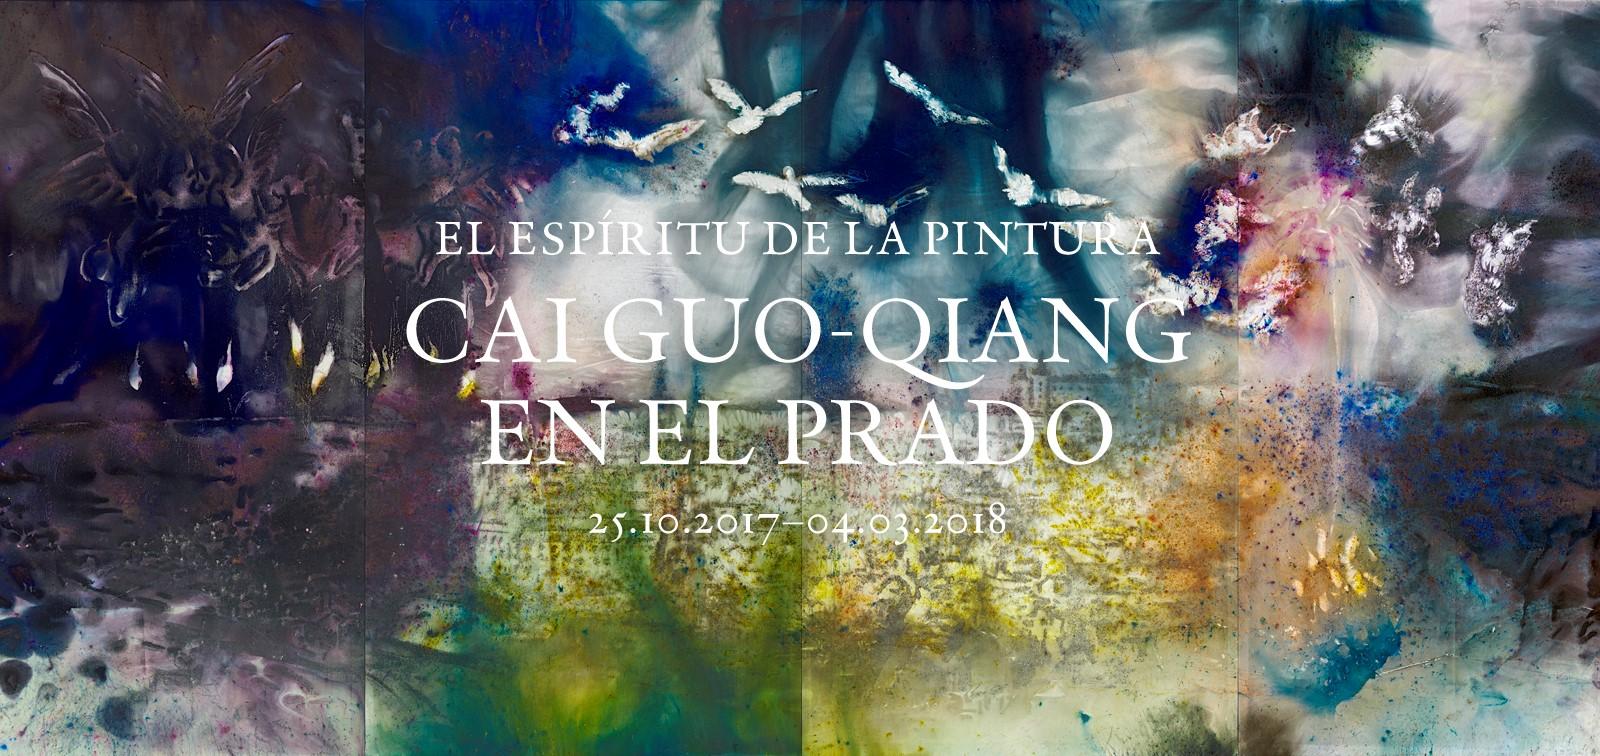 Exposición. El espíritu de la pintura. Cai Guo-Qiang en el Prado